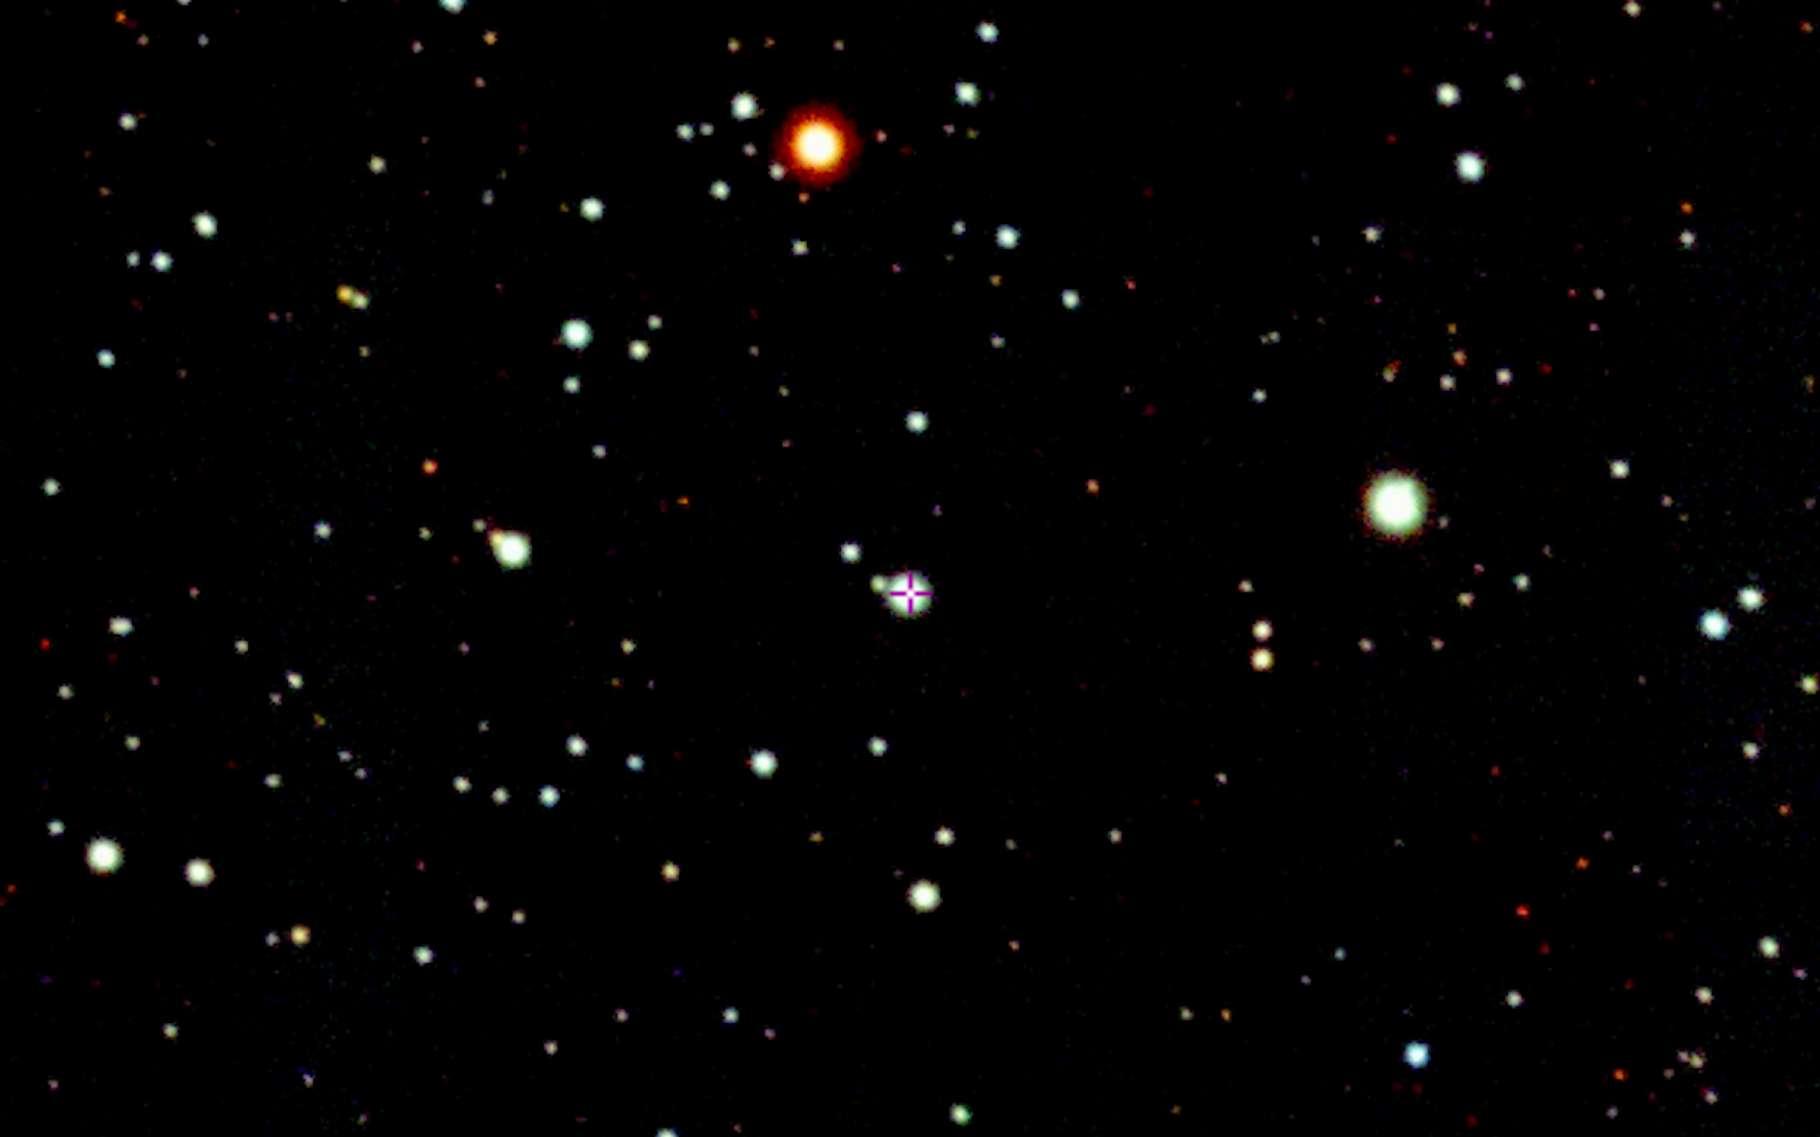 Selon des astronomes de l'université nationale australienne (ASTRO 3D), l'étoile SMSS J200322.54-114203.3, ici pointée au centre de l'image, est le résultat de l'explosion d'une étoile massive en hypernova. © prasitphoto, Adobe Stock